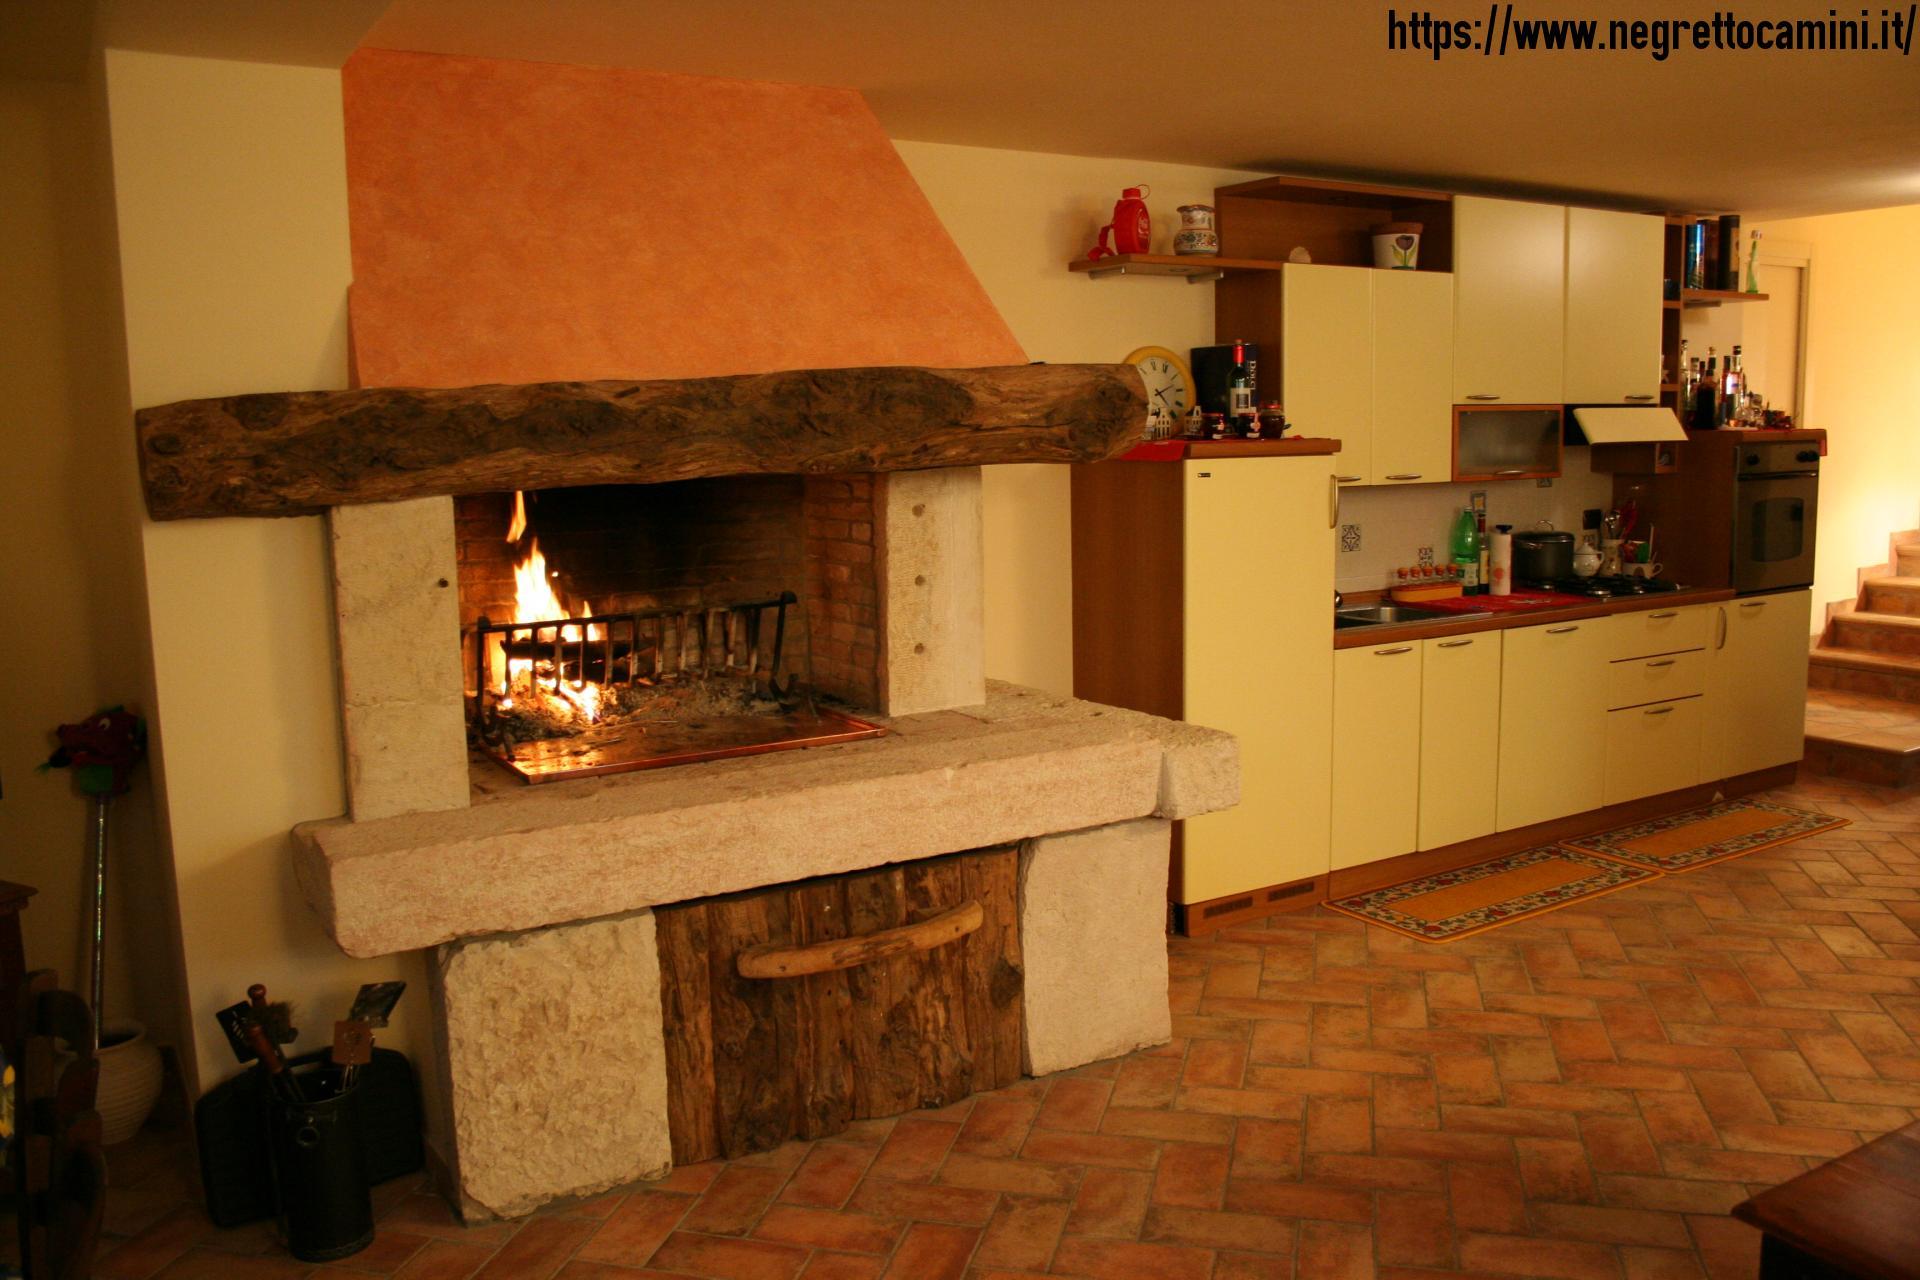 Camino tipico da taverna negretto camini d 39 autore - Camino per cucinare ...